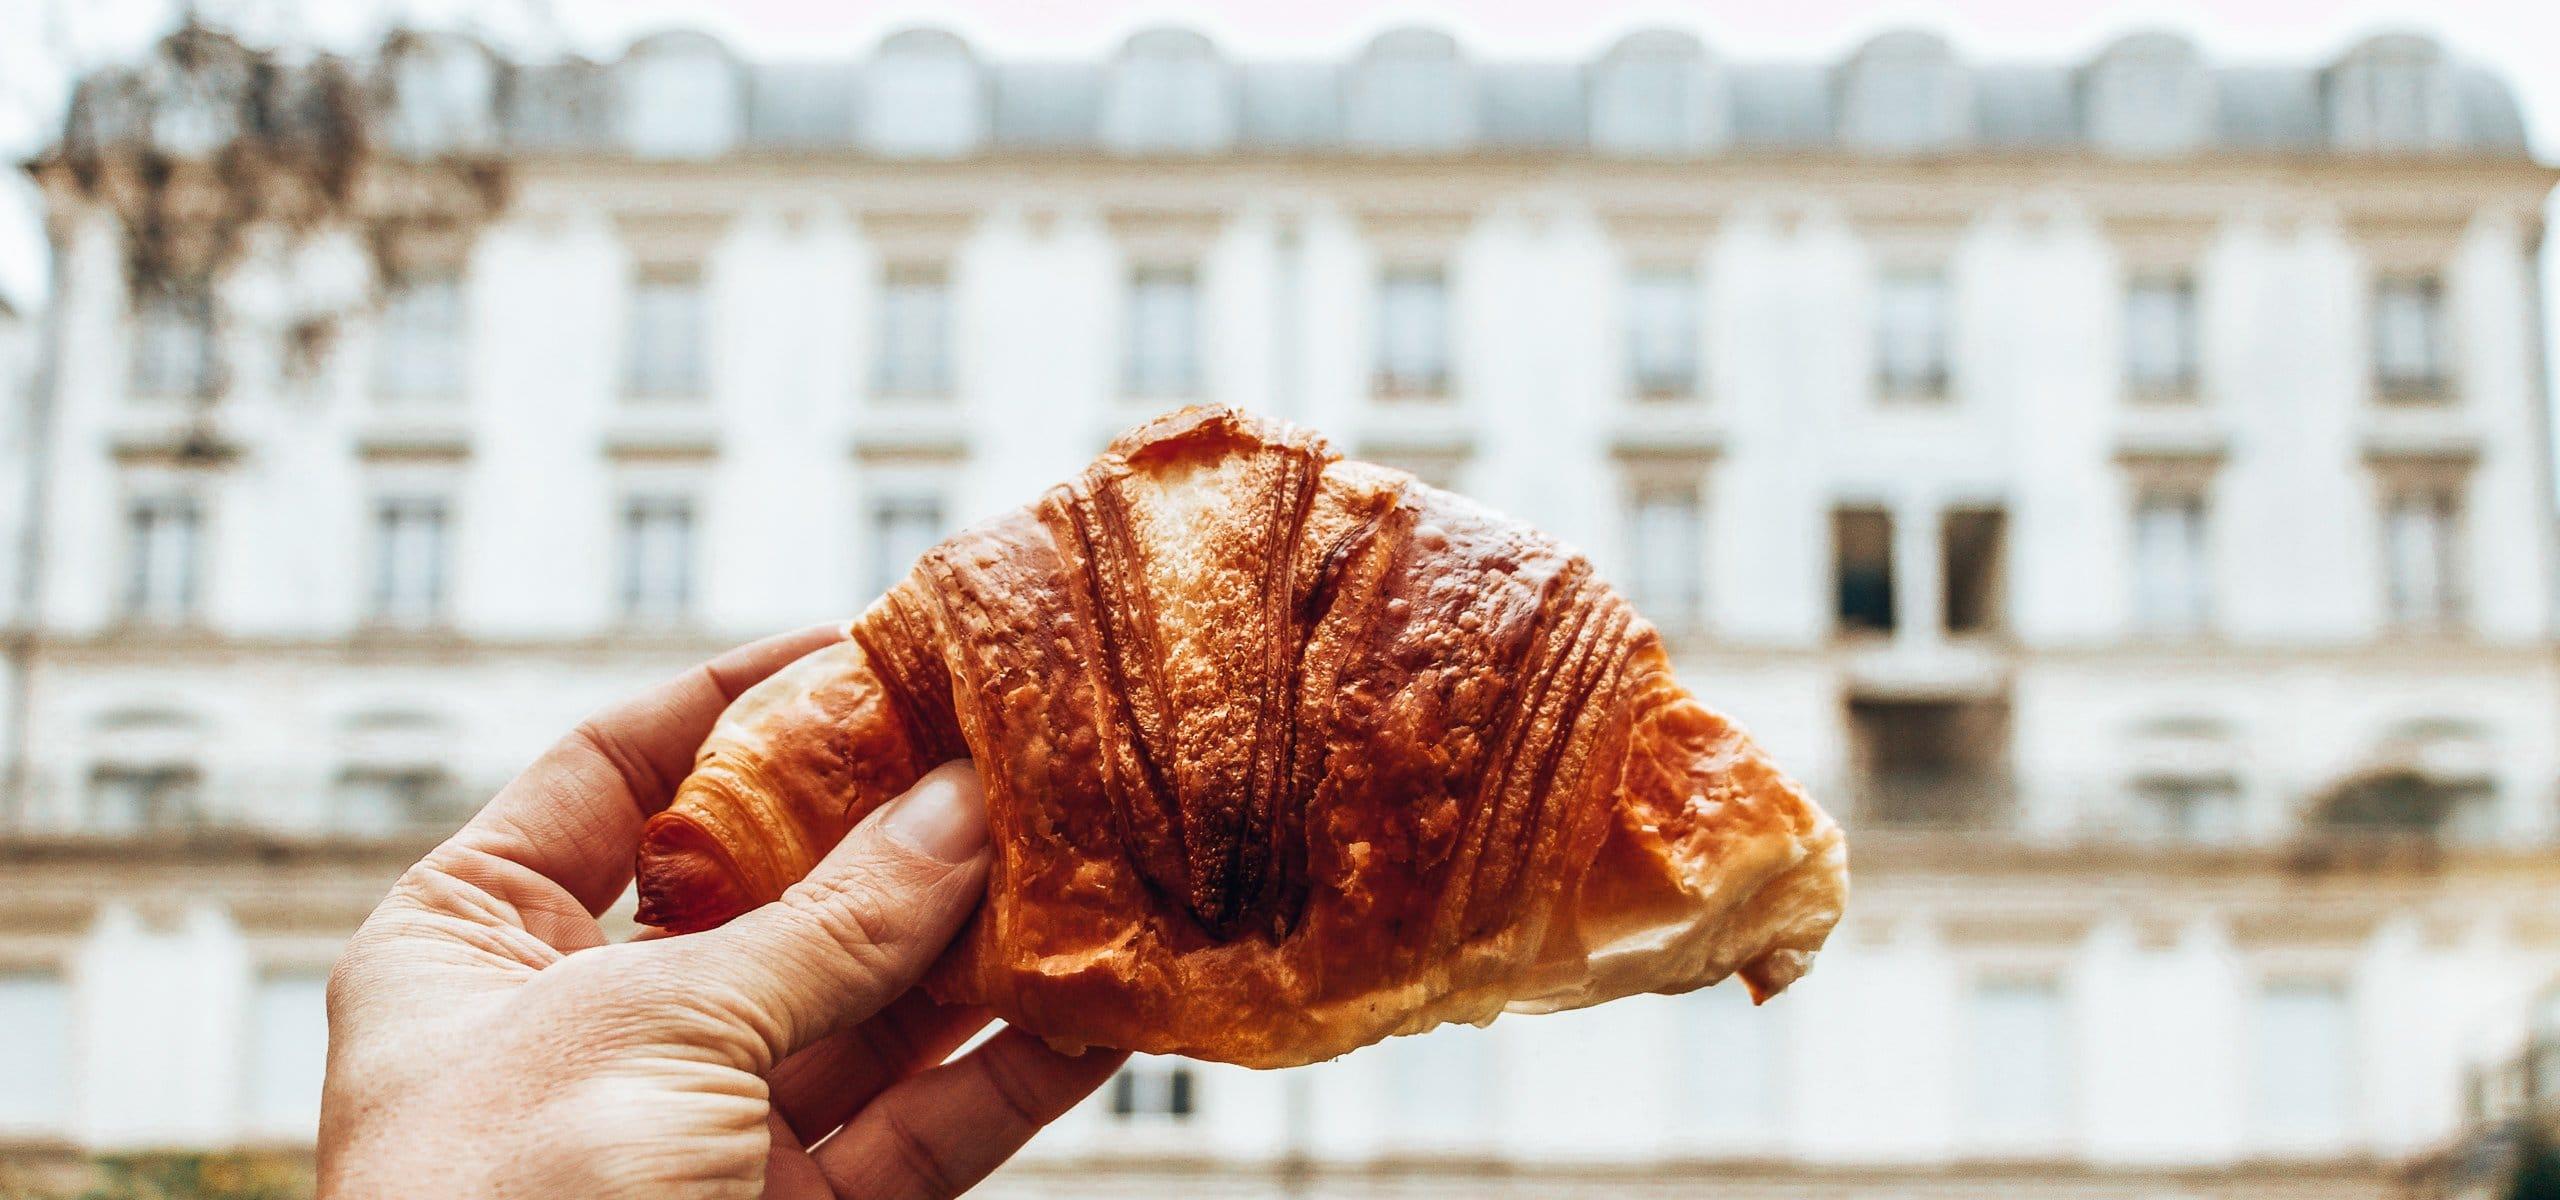 best bakeries and pâtisseries in Paris | A butter croissant from a Parisian patisserie, Paris